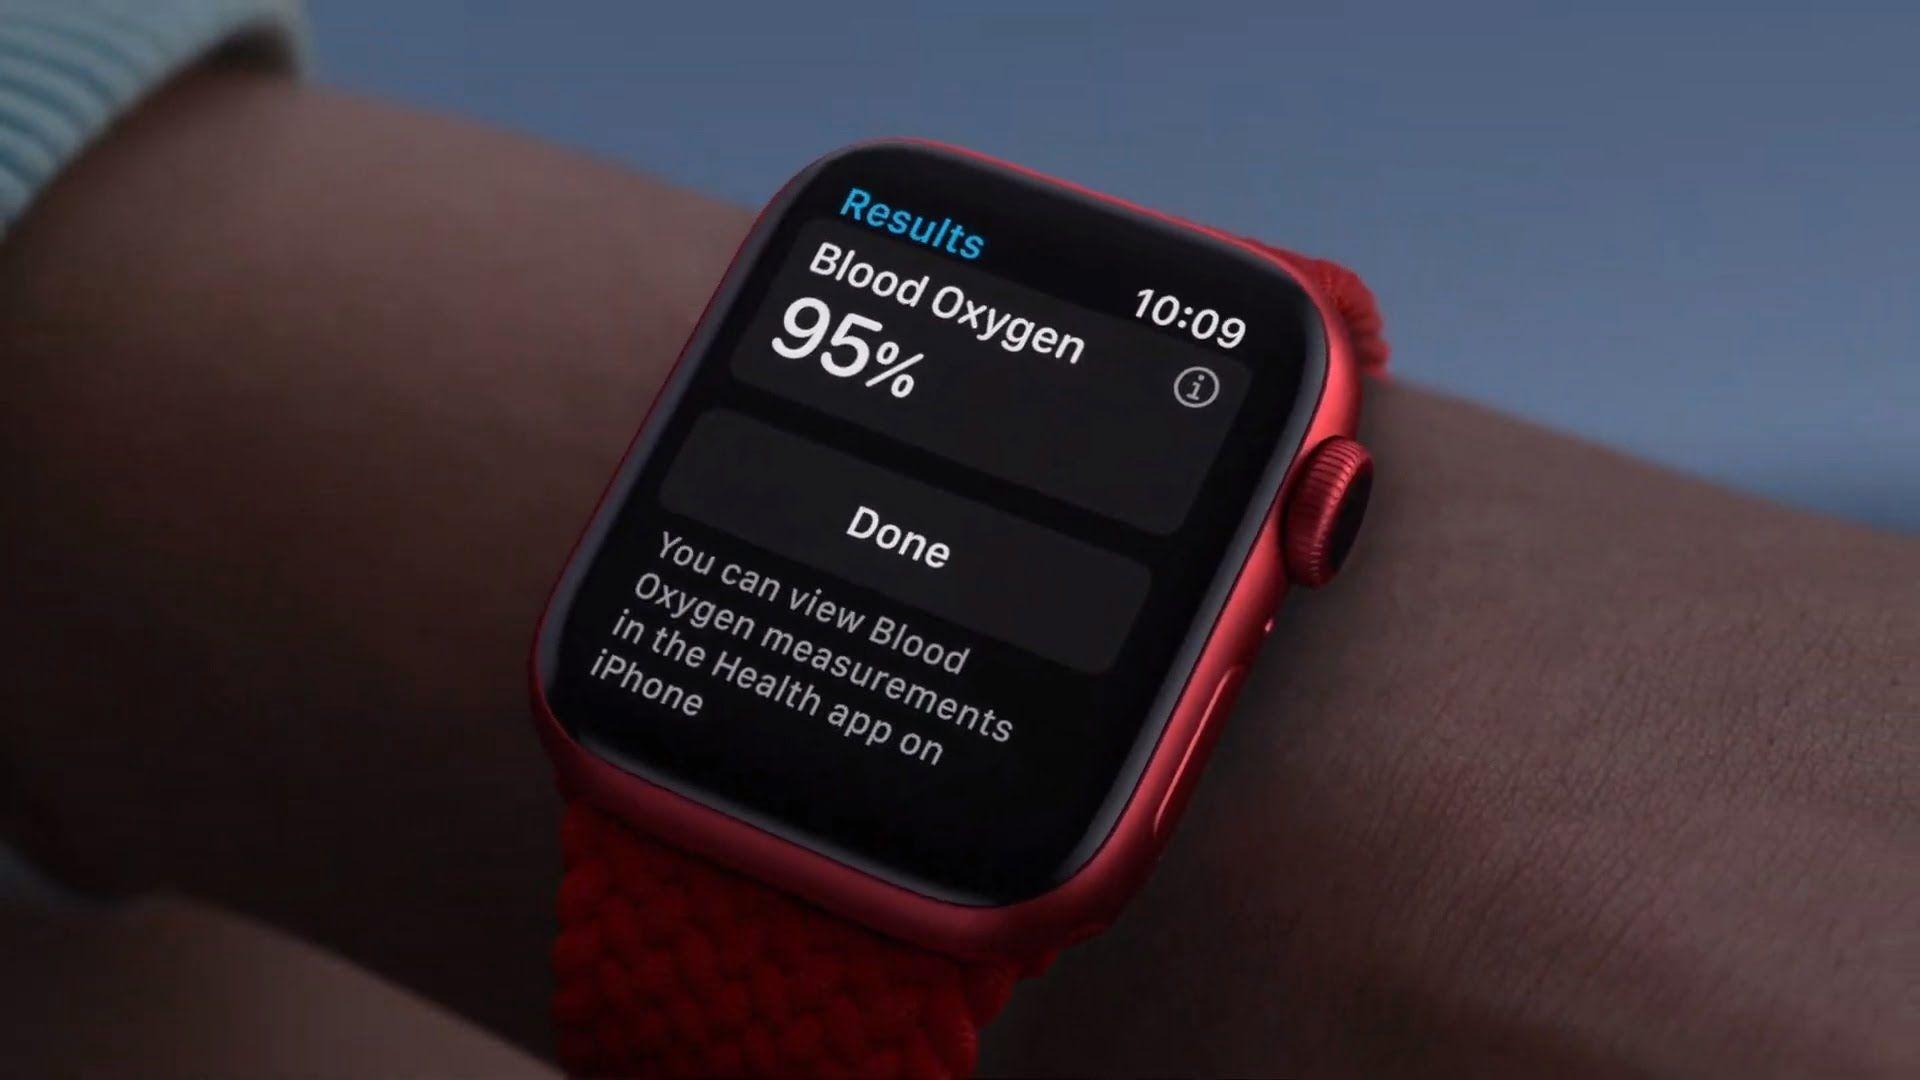 Sprzedaż zegarków Apple Watch z bardzo dobrym wynikiem